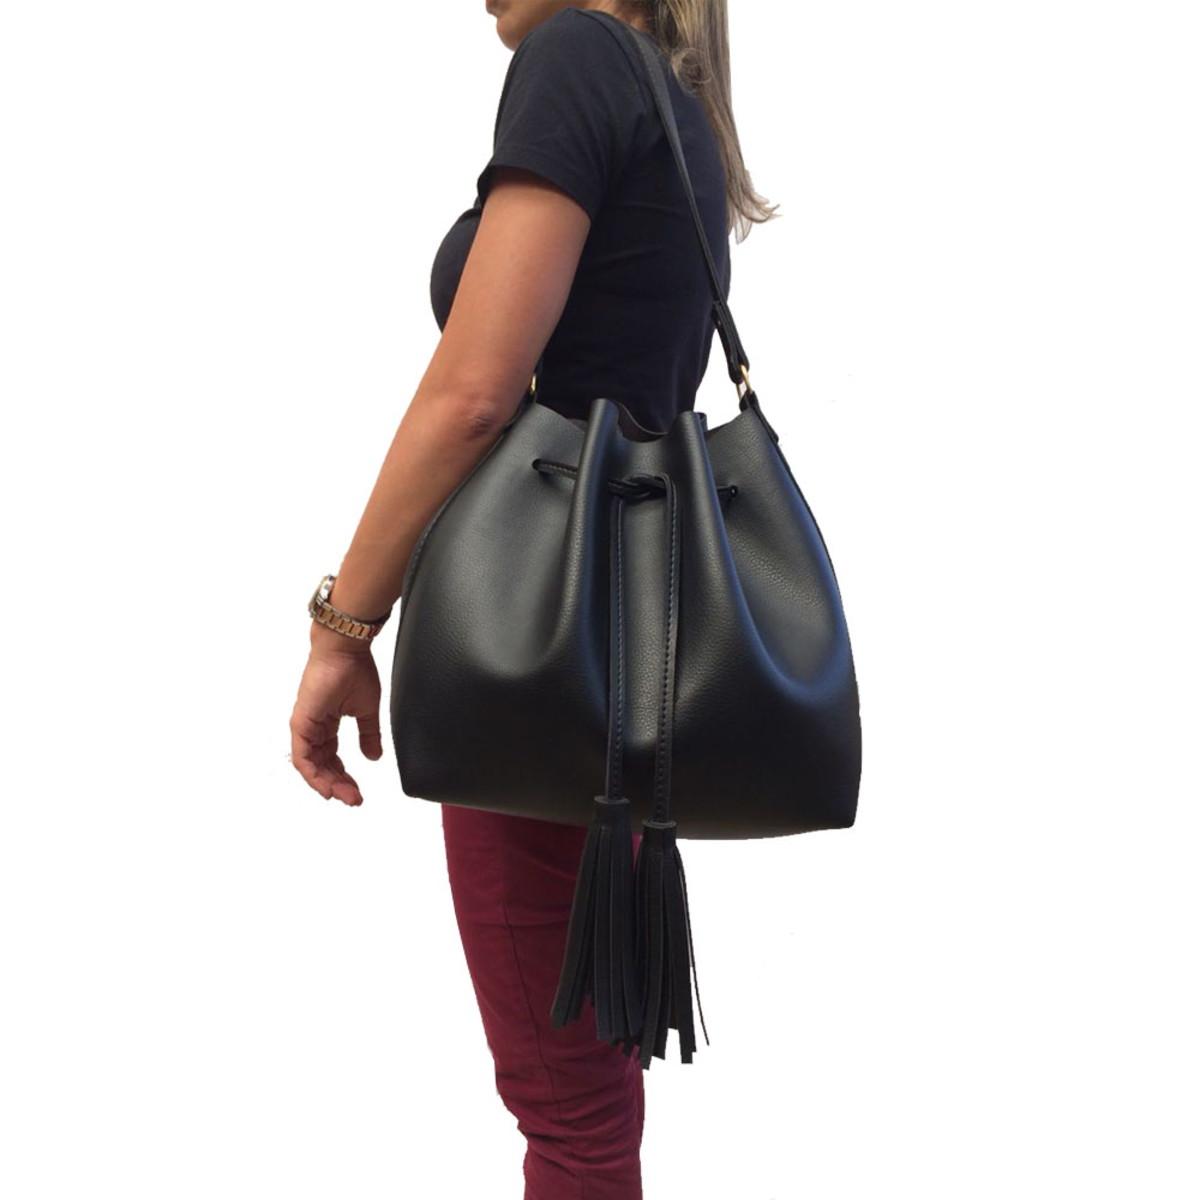 9b18820da Bolsa Feminina grande saco transversal couro sintético linda no Elo7 ...